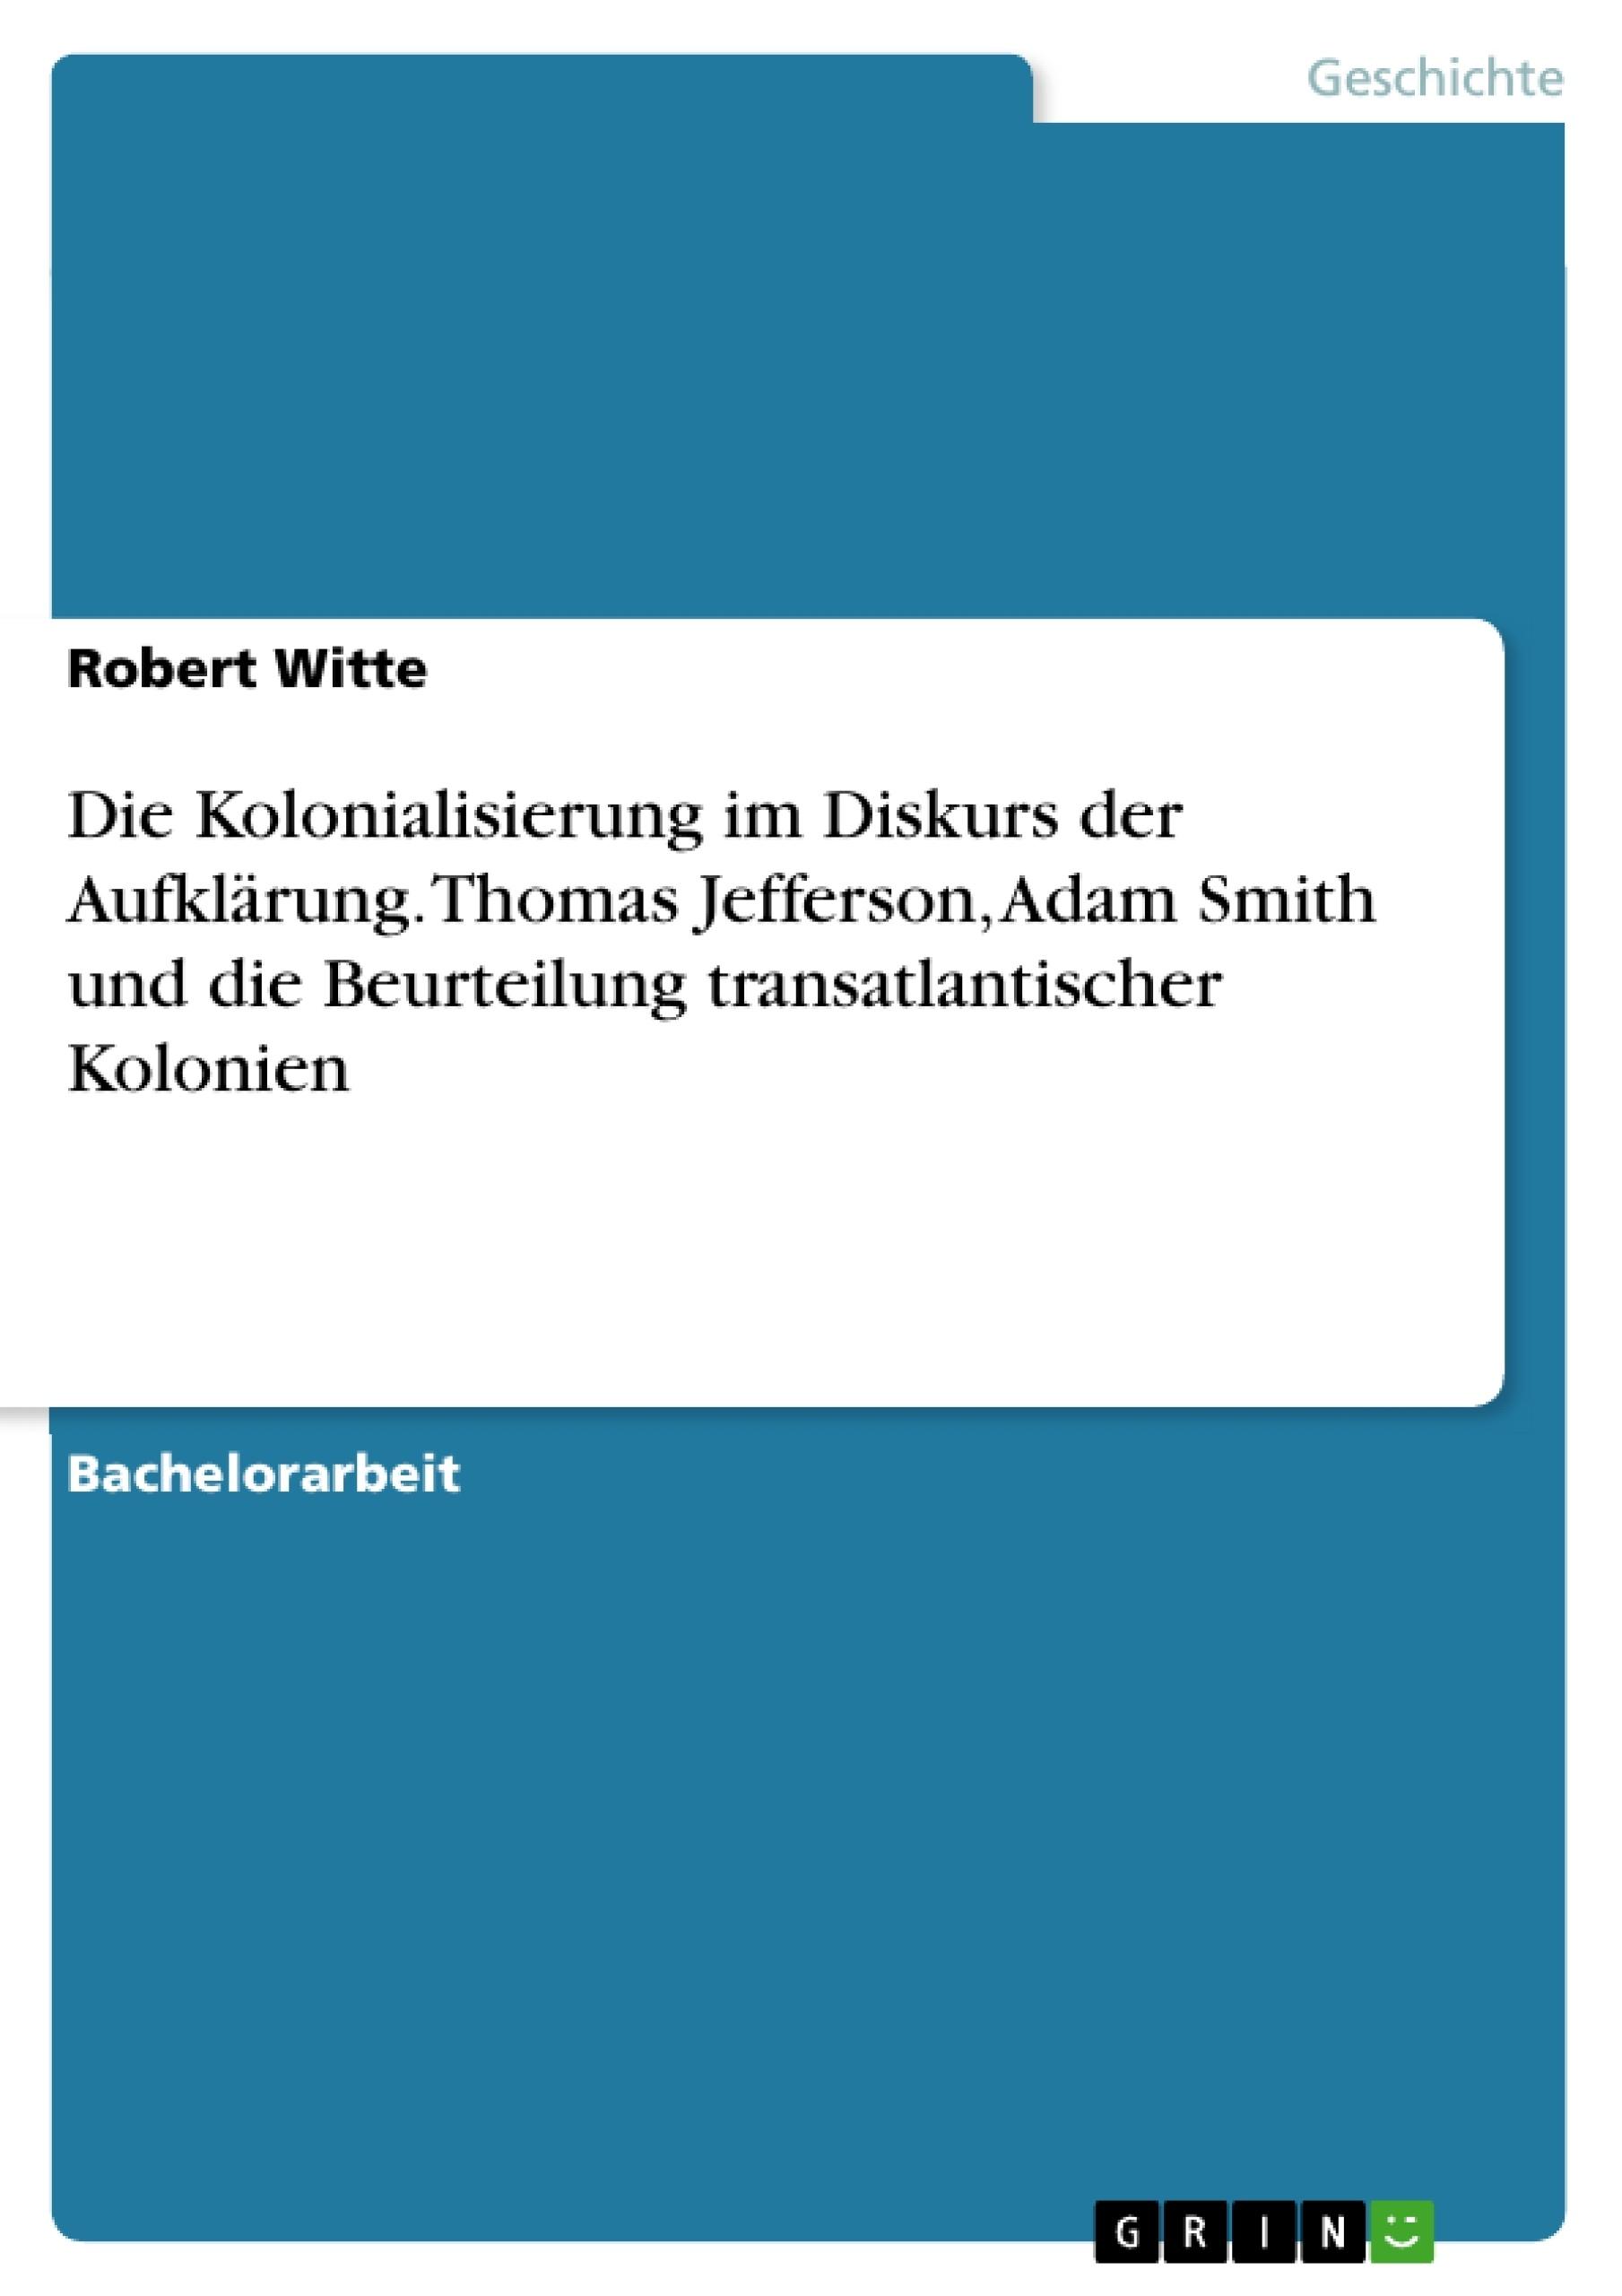 Titel: Die Kolonialisierung im Diskurs der Aufklärung. Thomas Jefferson, Adam Smith und die Beurteilung transatlantischer Kolonien